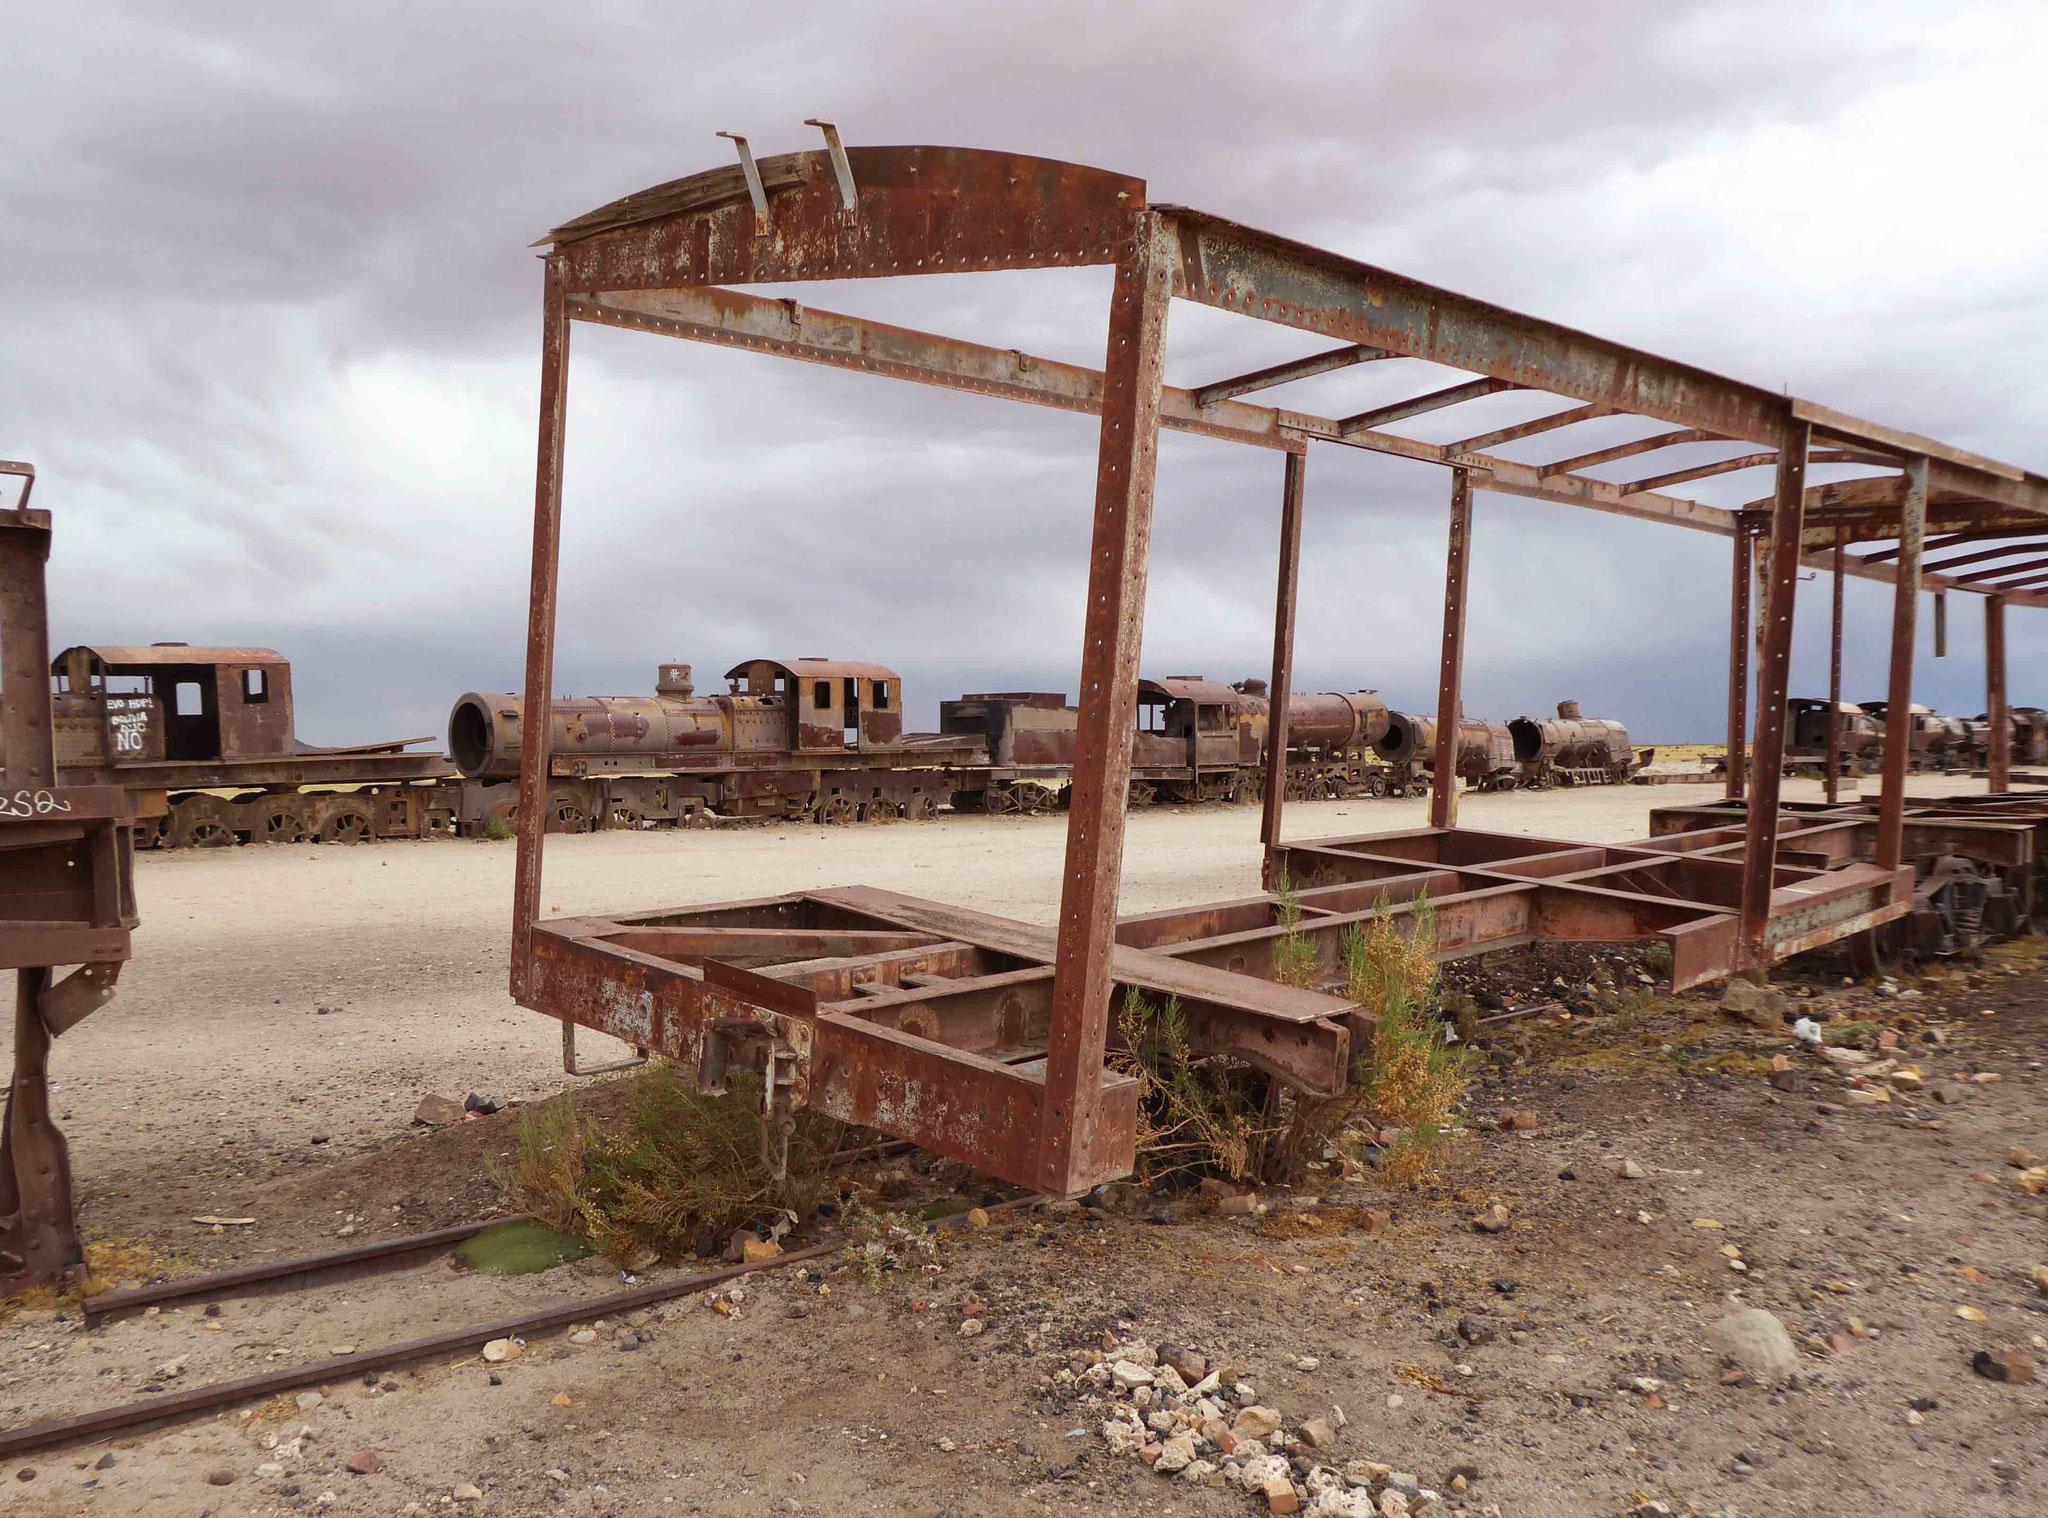 Cimetière de trains, vestiges ferroviaires de la riche période minière au début du XXe siècle